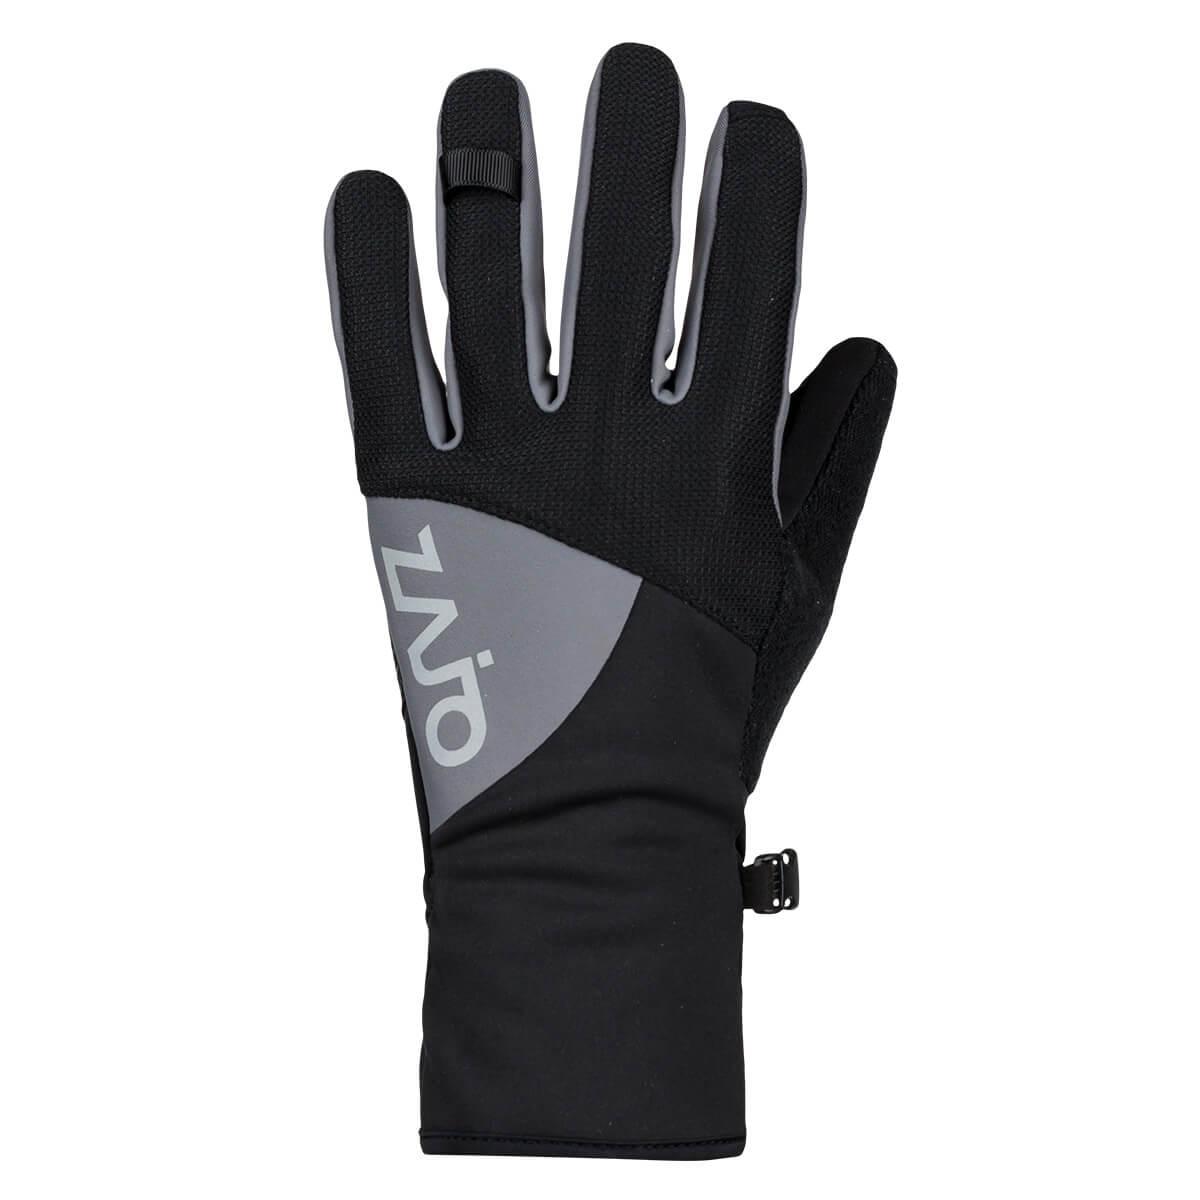 ZAJO Ramsau Gloves pánske rukavice - veľkosť L